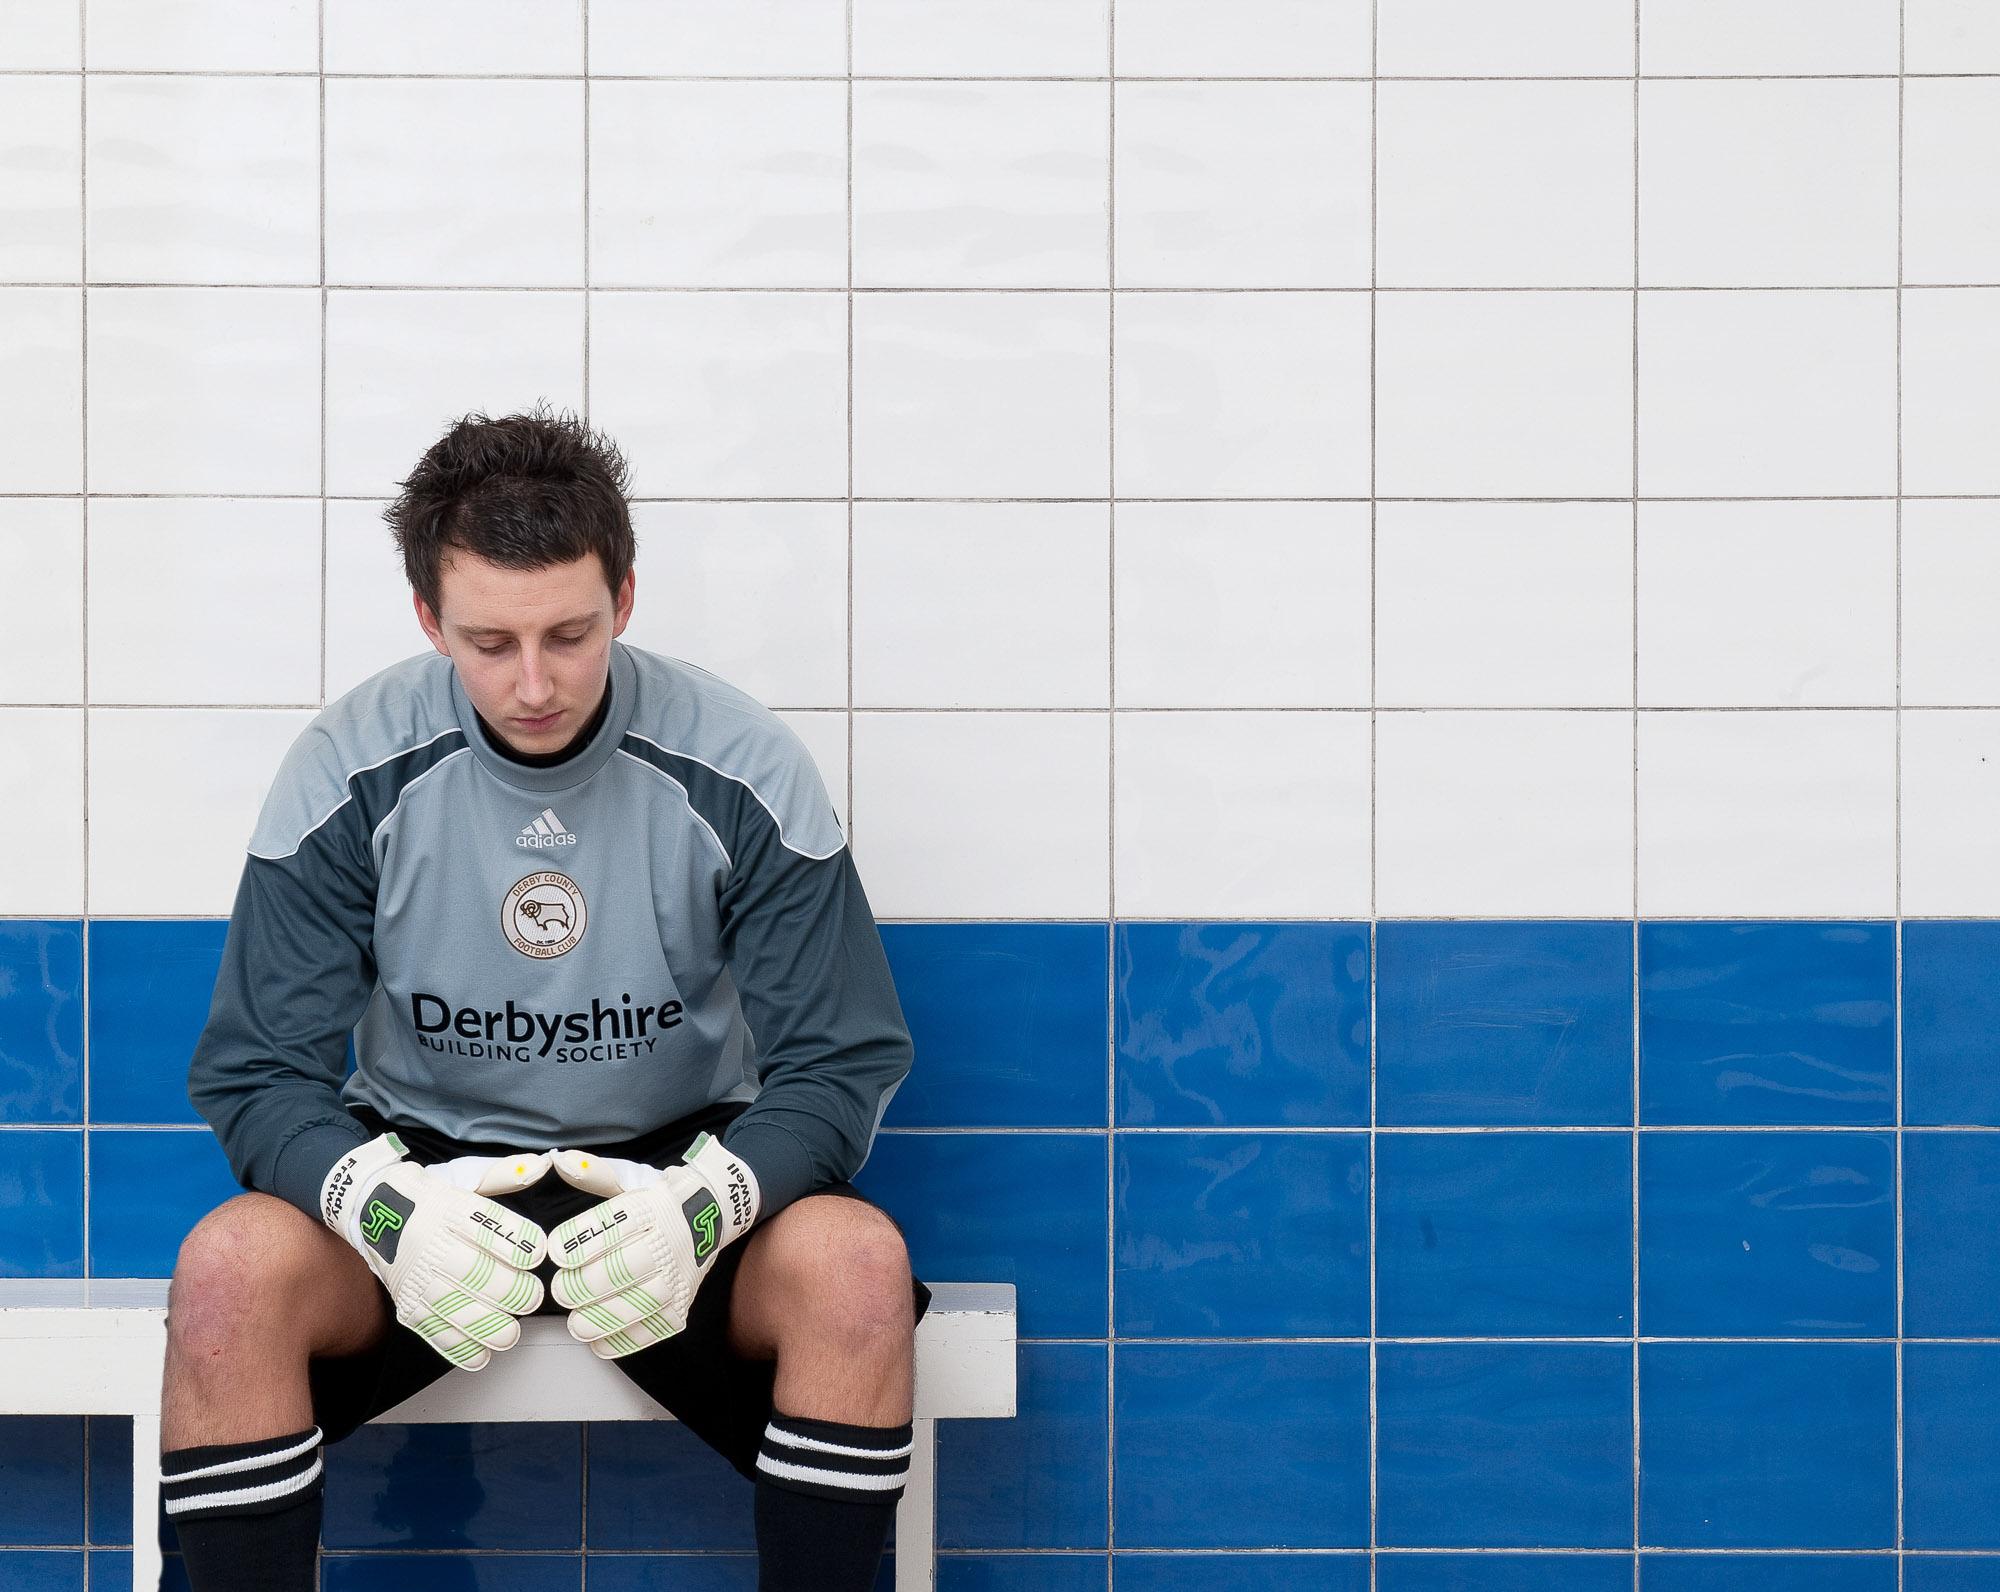 Andy Fretwell, Goalkeeper